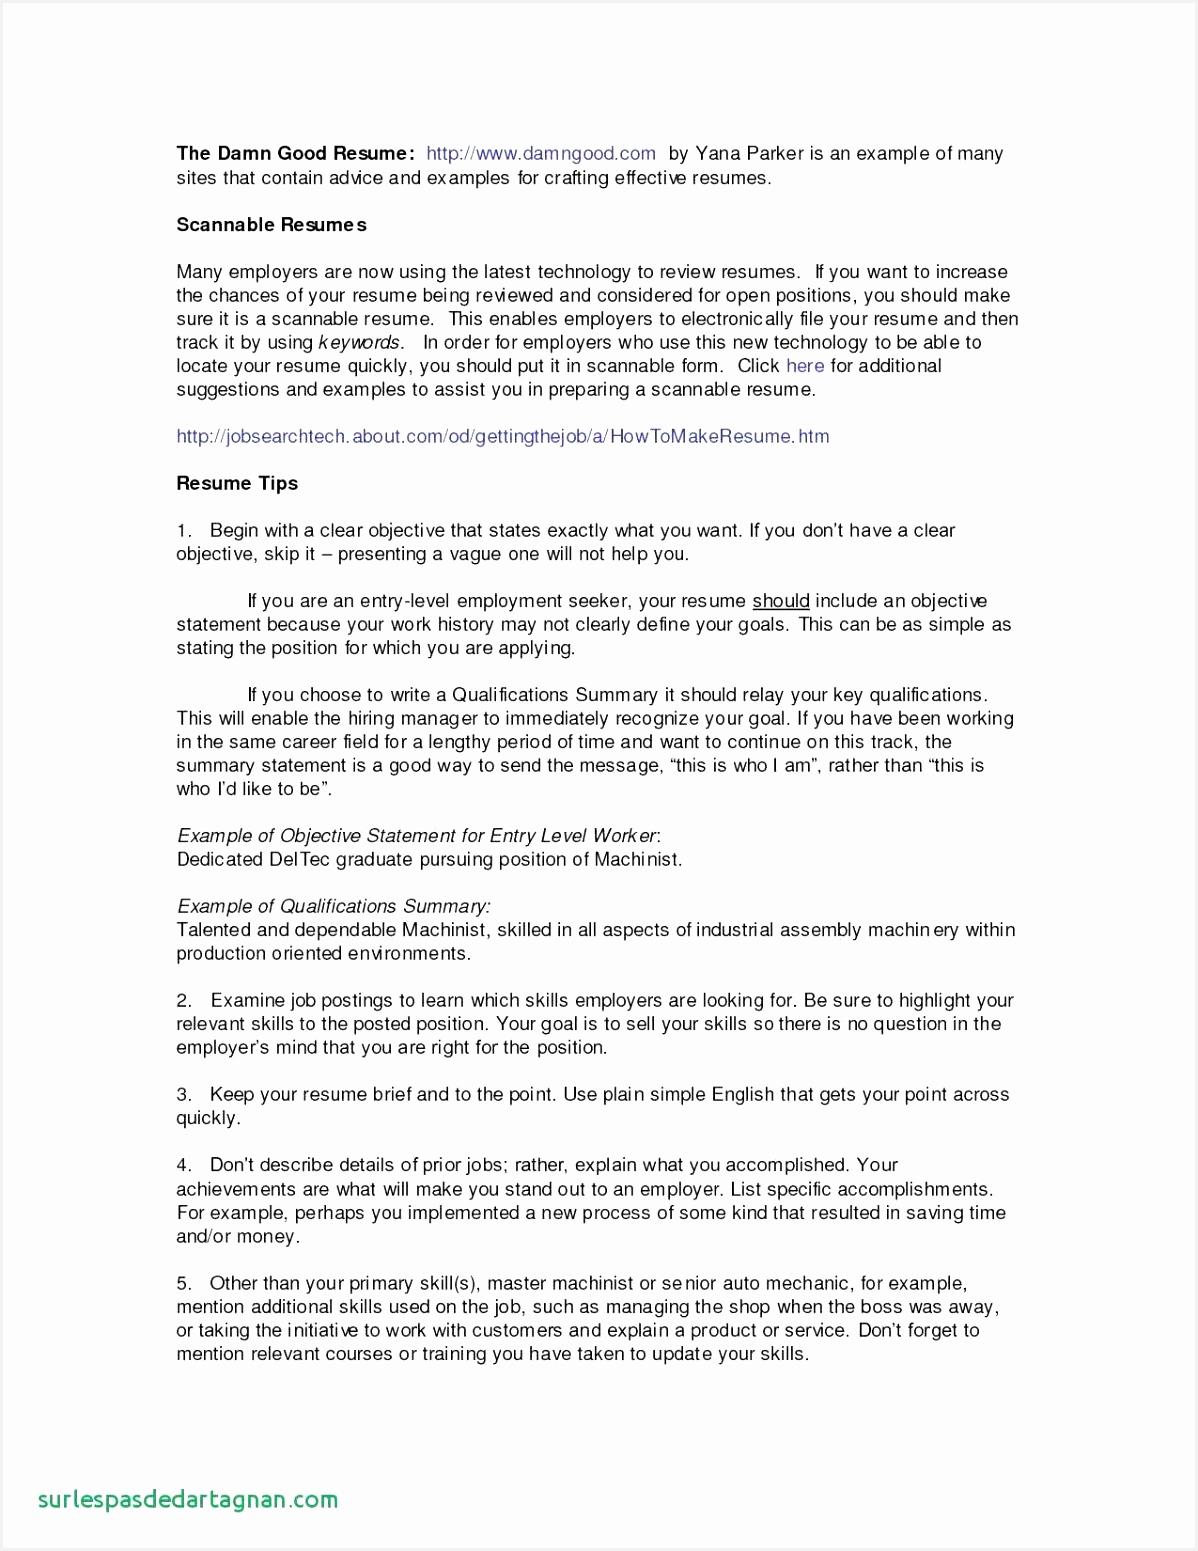 Awesome Resume Tutor Luxury Writing Your Resume Luxury Dishwasher Resume 0d Great Resume Examples ve aful15511198fjcki